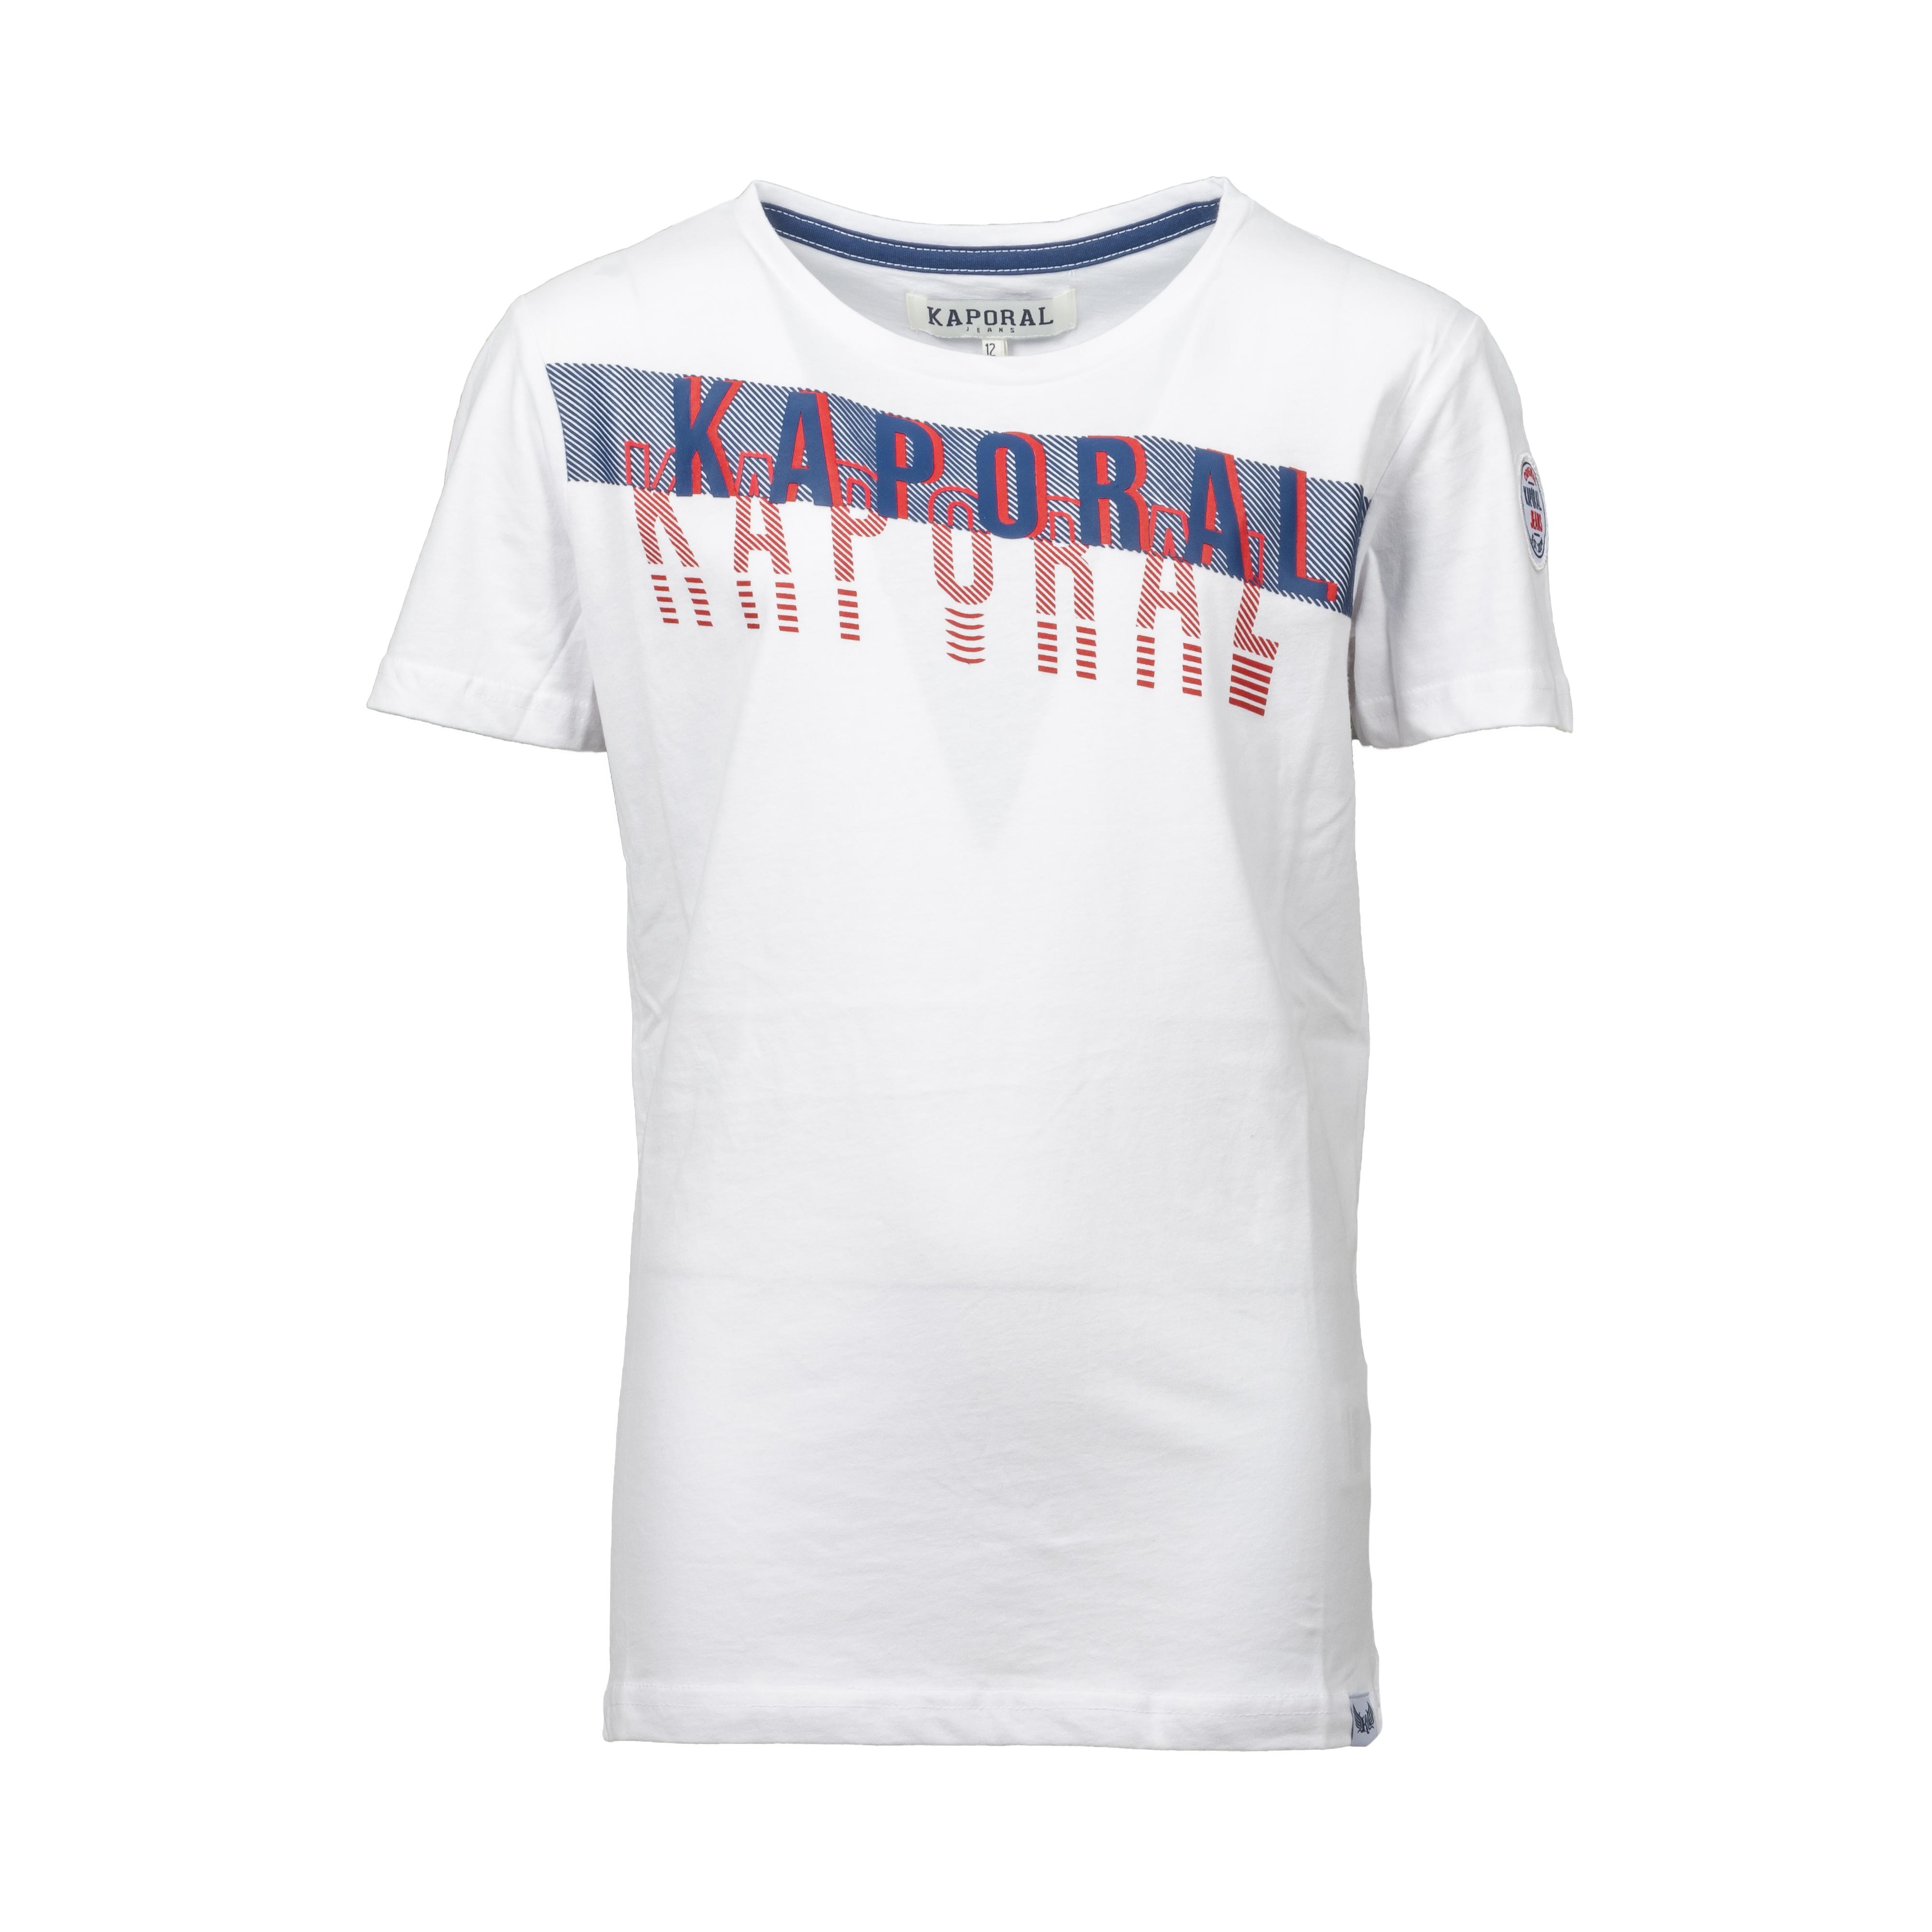 Tee-shirt col rond kaporal elvis en coton blanc imprimé